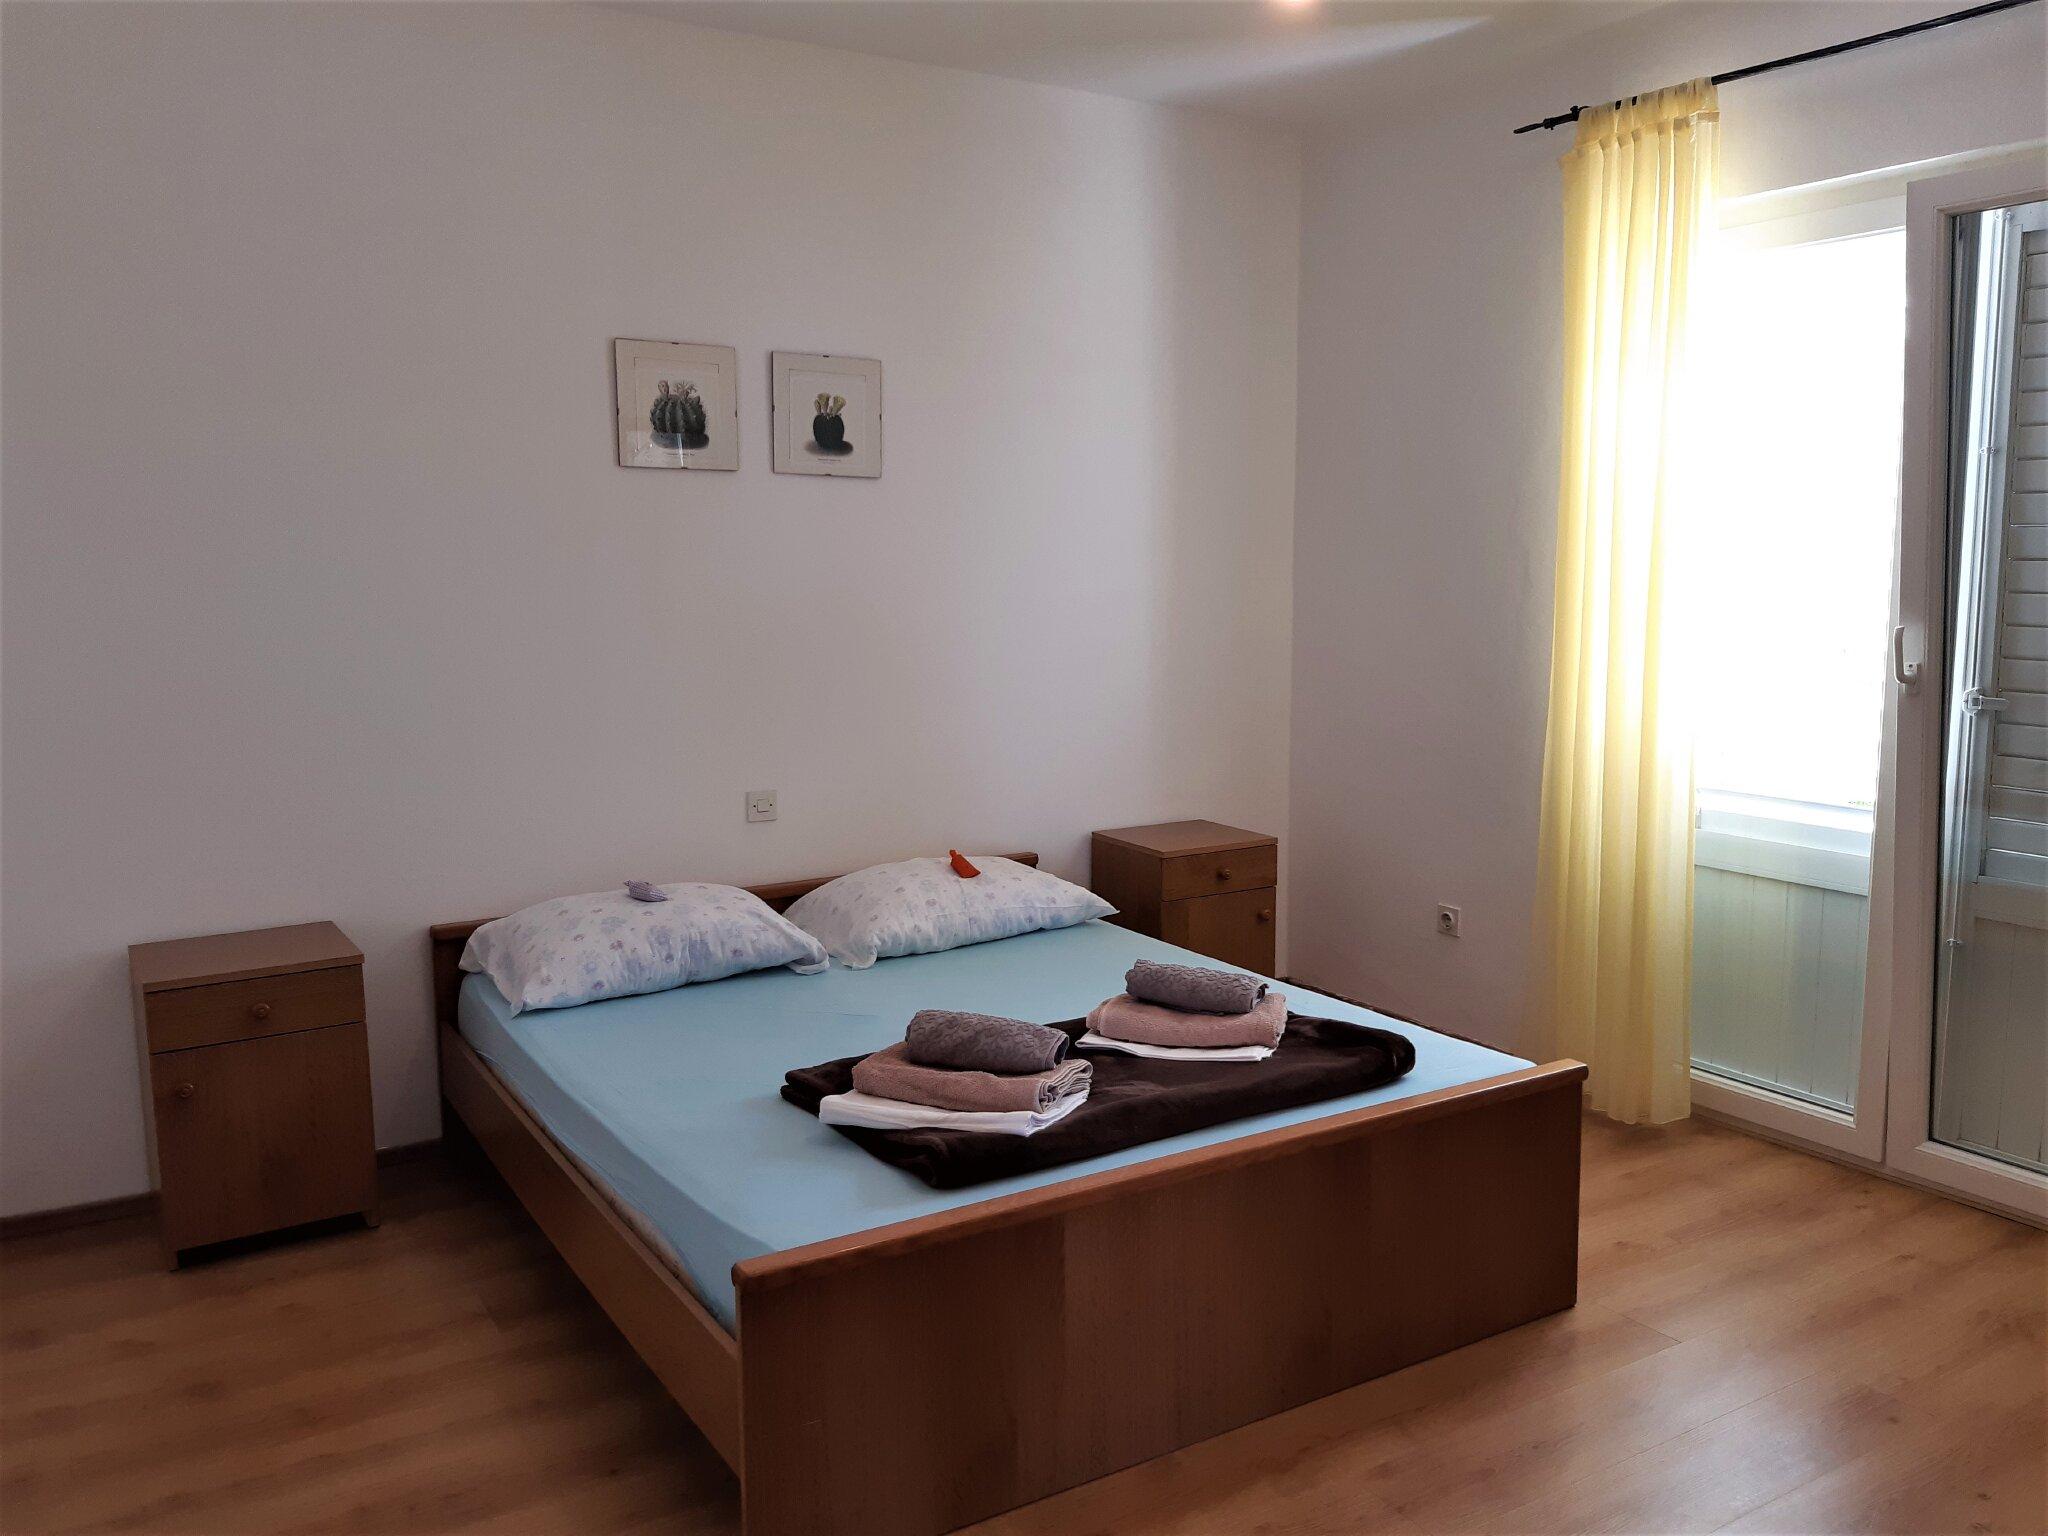 VILLA KATIA, Extrabad-wc